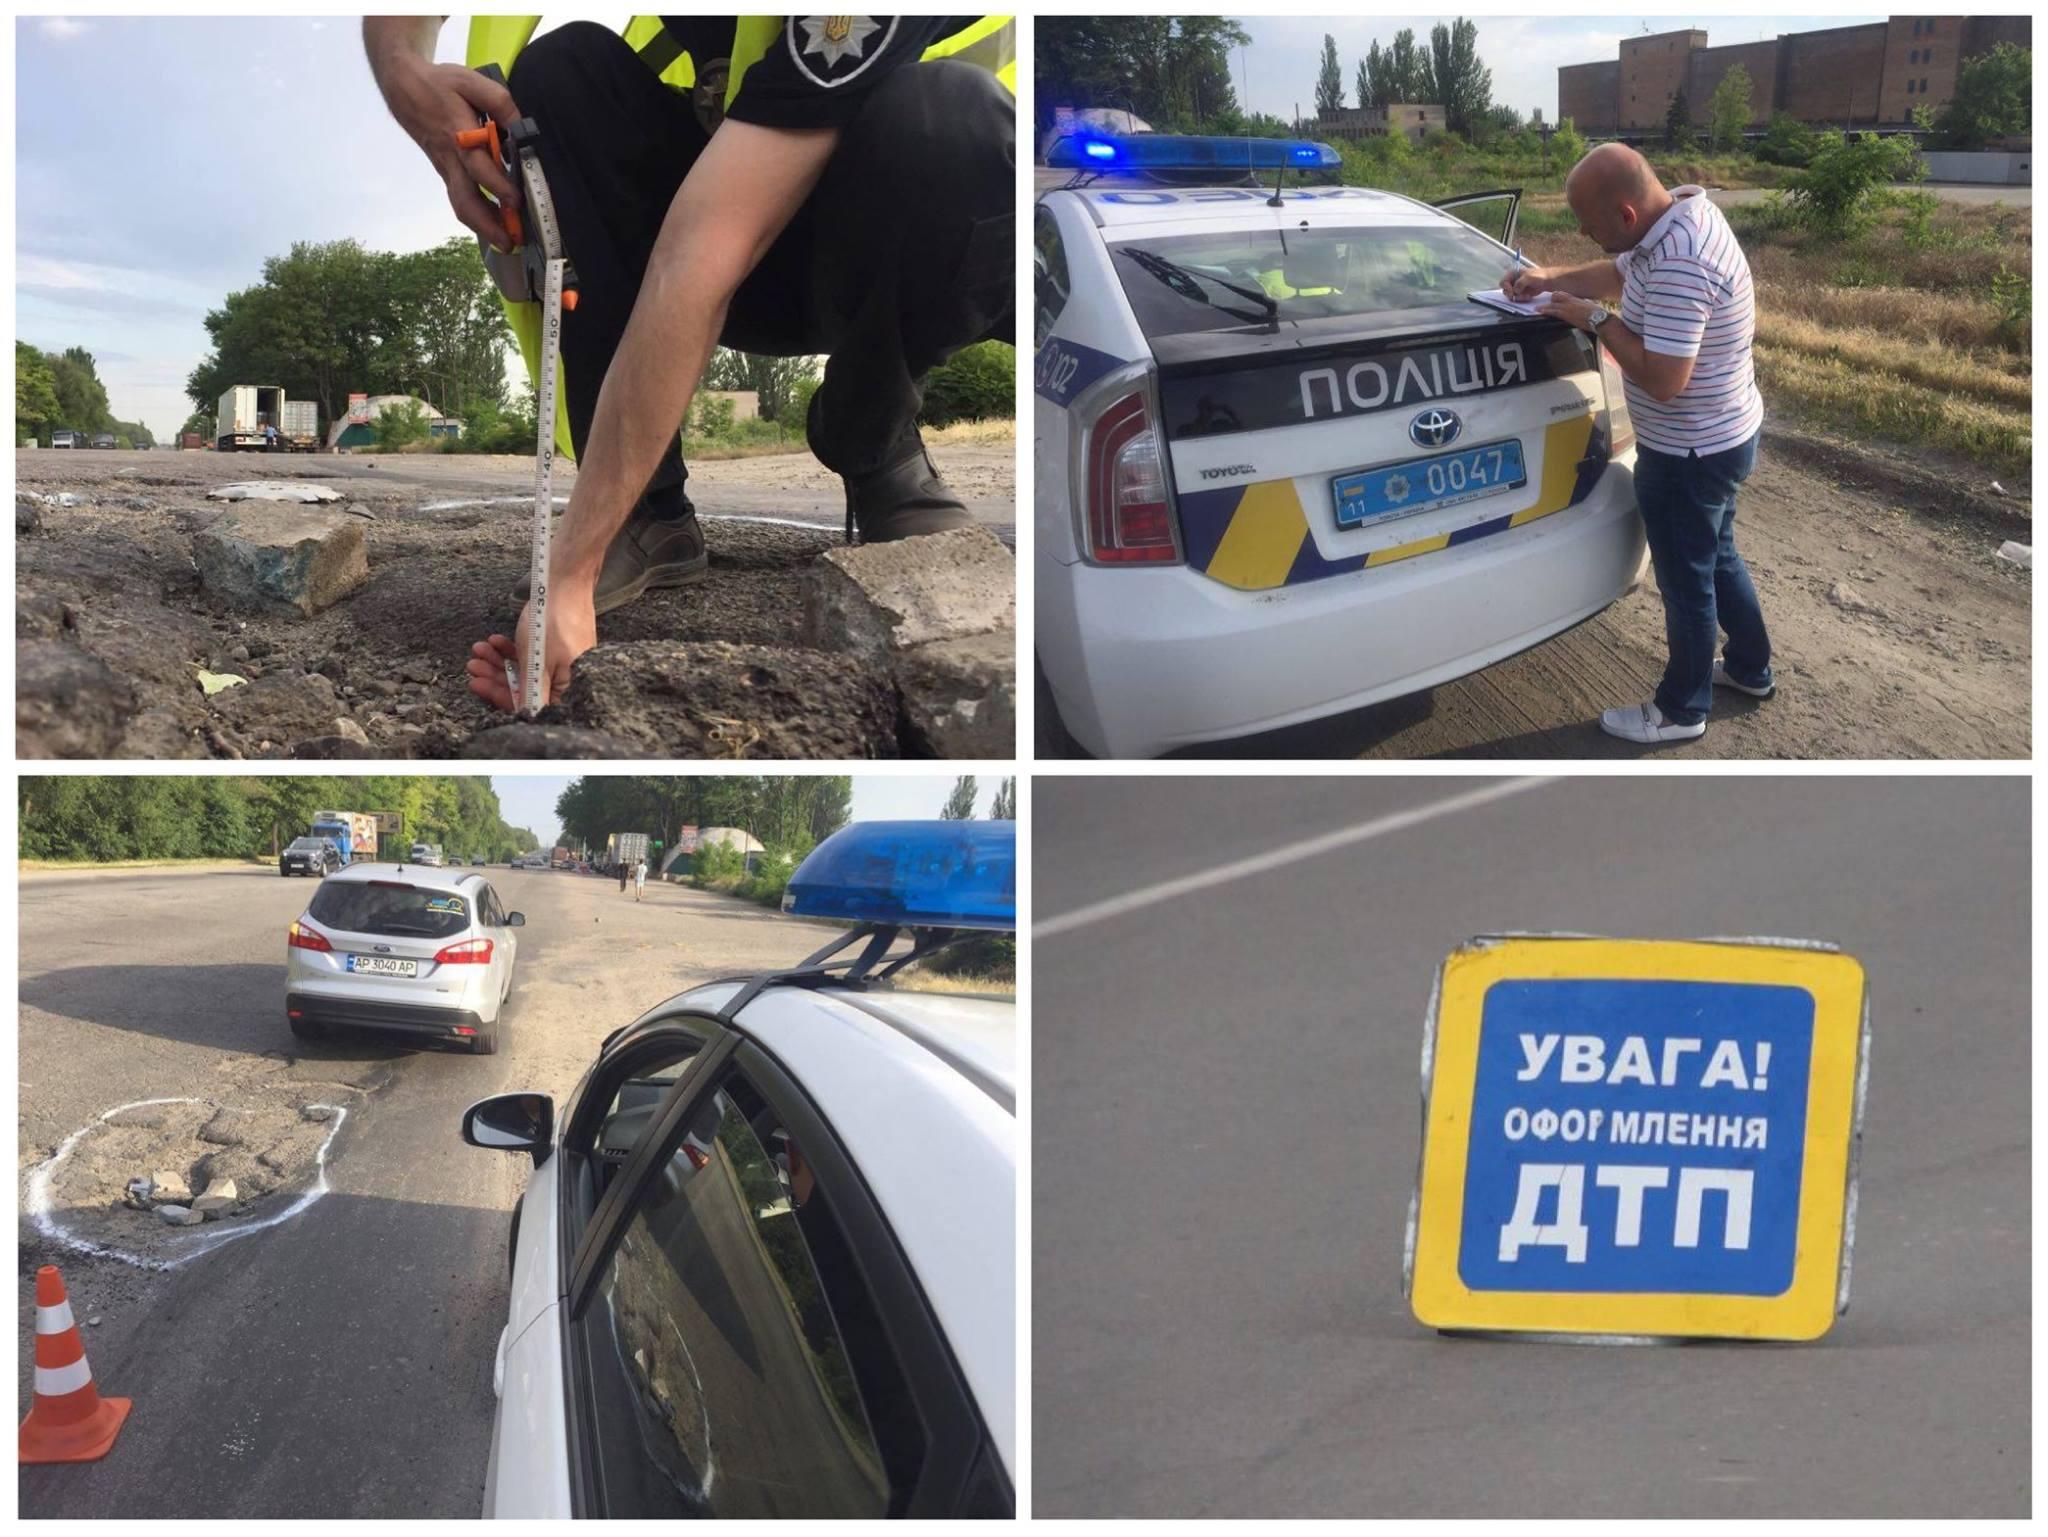 Запоріжець, який пошкодив авто через глибоку яму, змусив заплатити йому компенсацію